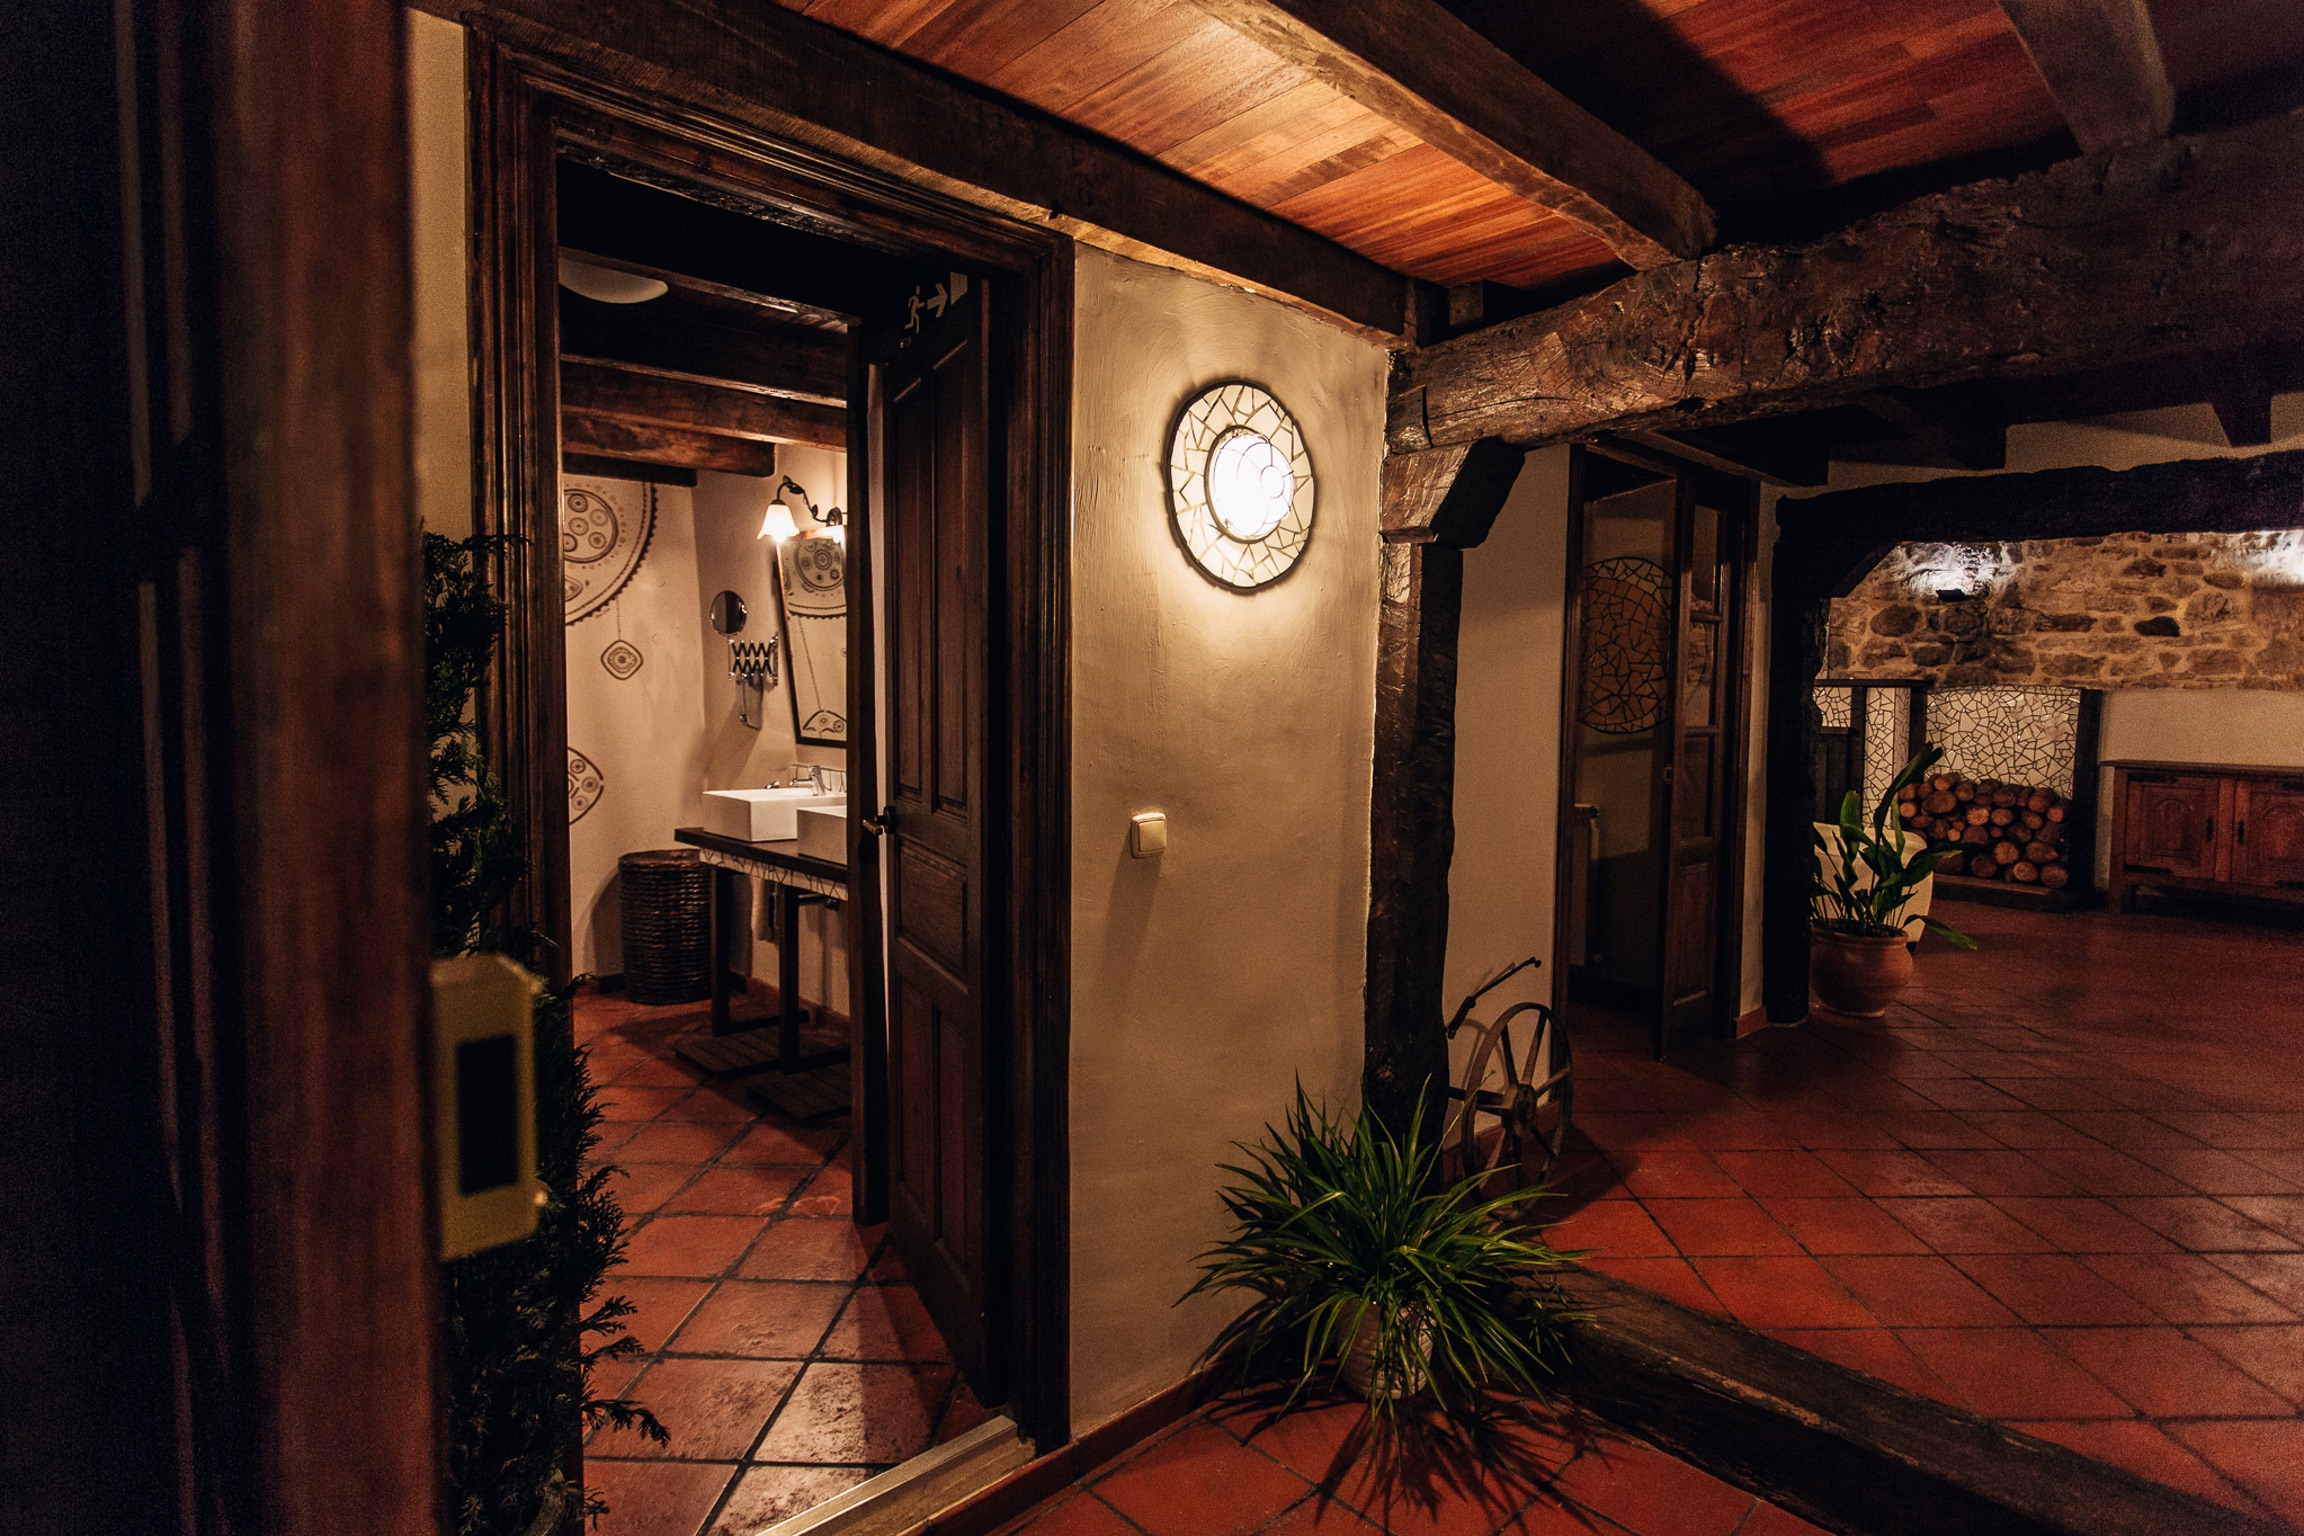 Ferienhaus Haus mit 5 Zimmern in Fuenteodra mit toller Aussicht auf die Berge, eingezäuntem Garten un (2211142), Fuenteodra, Burgos, Kastilien-León, Spanien, Bild 42